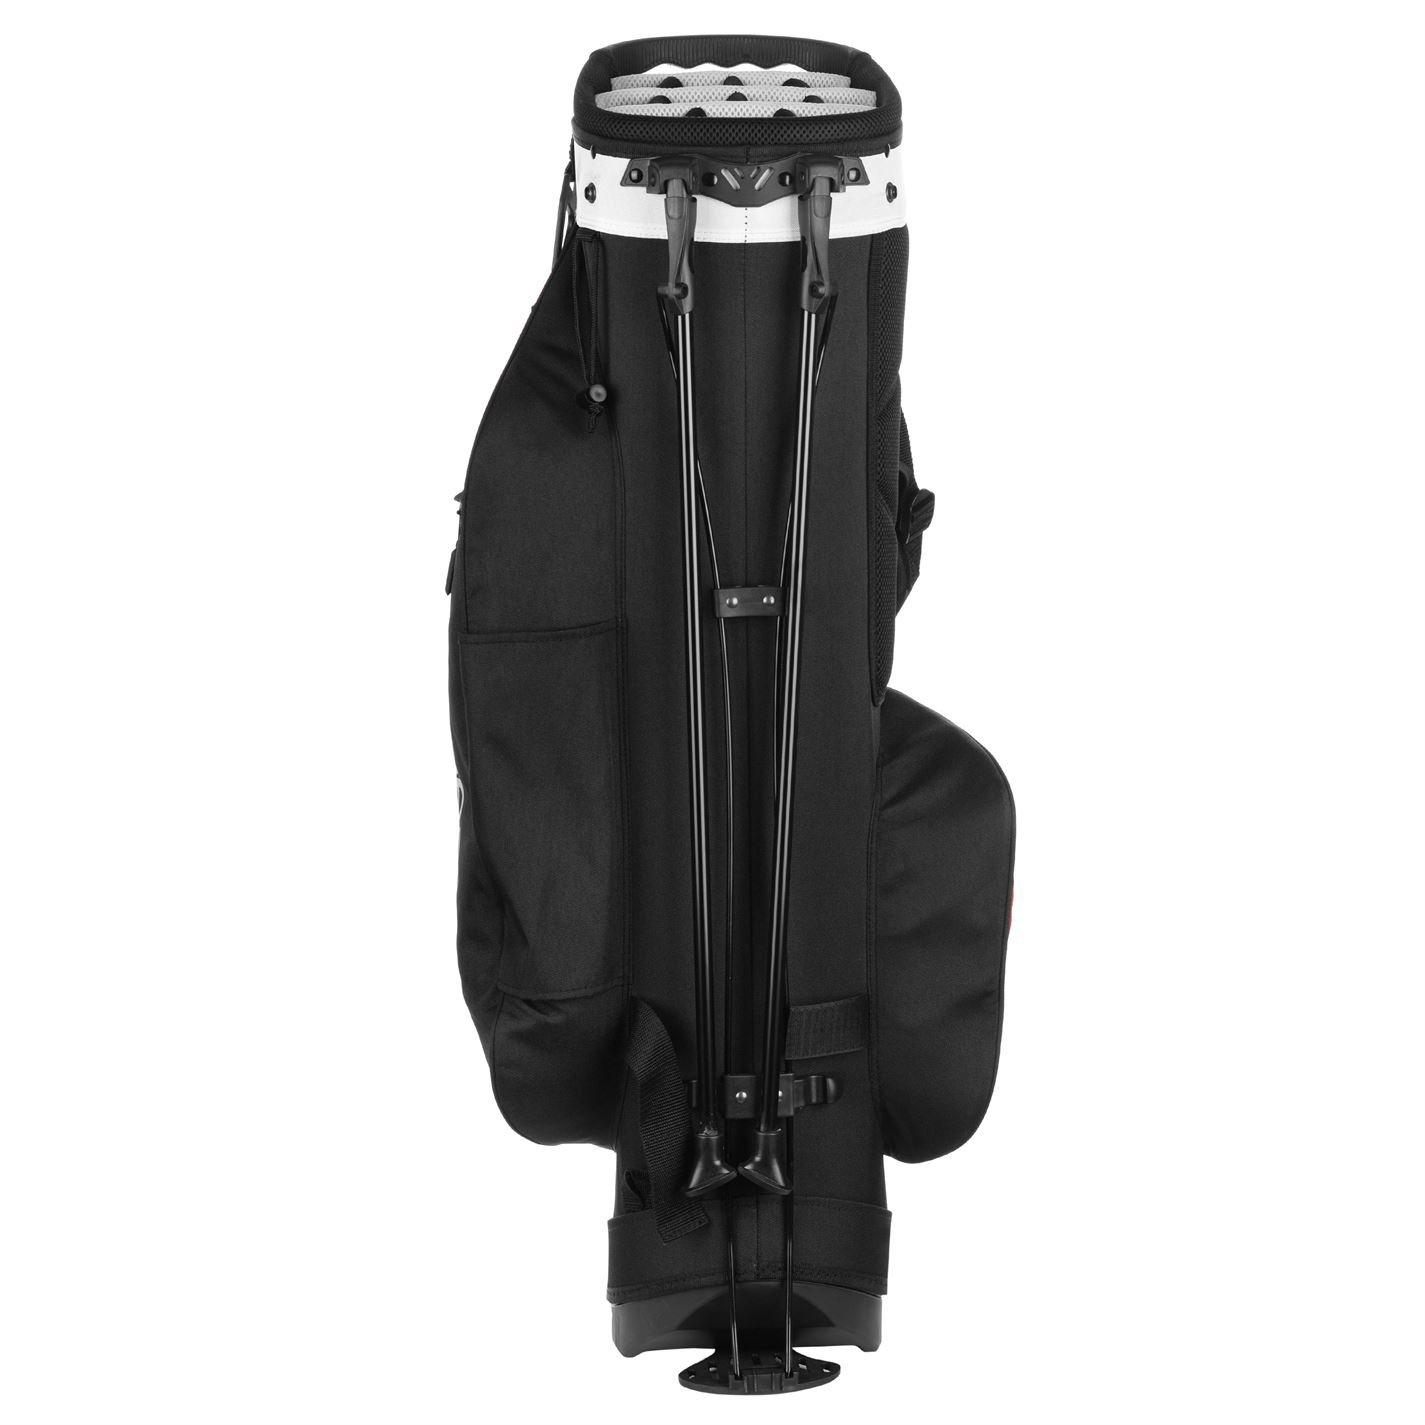 Slazenger Unisex V Series Original Bolsa de palos de golf ...